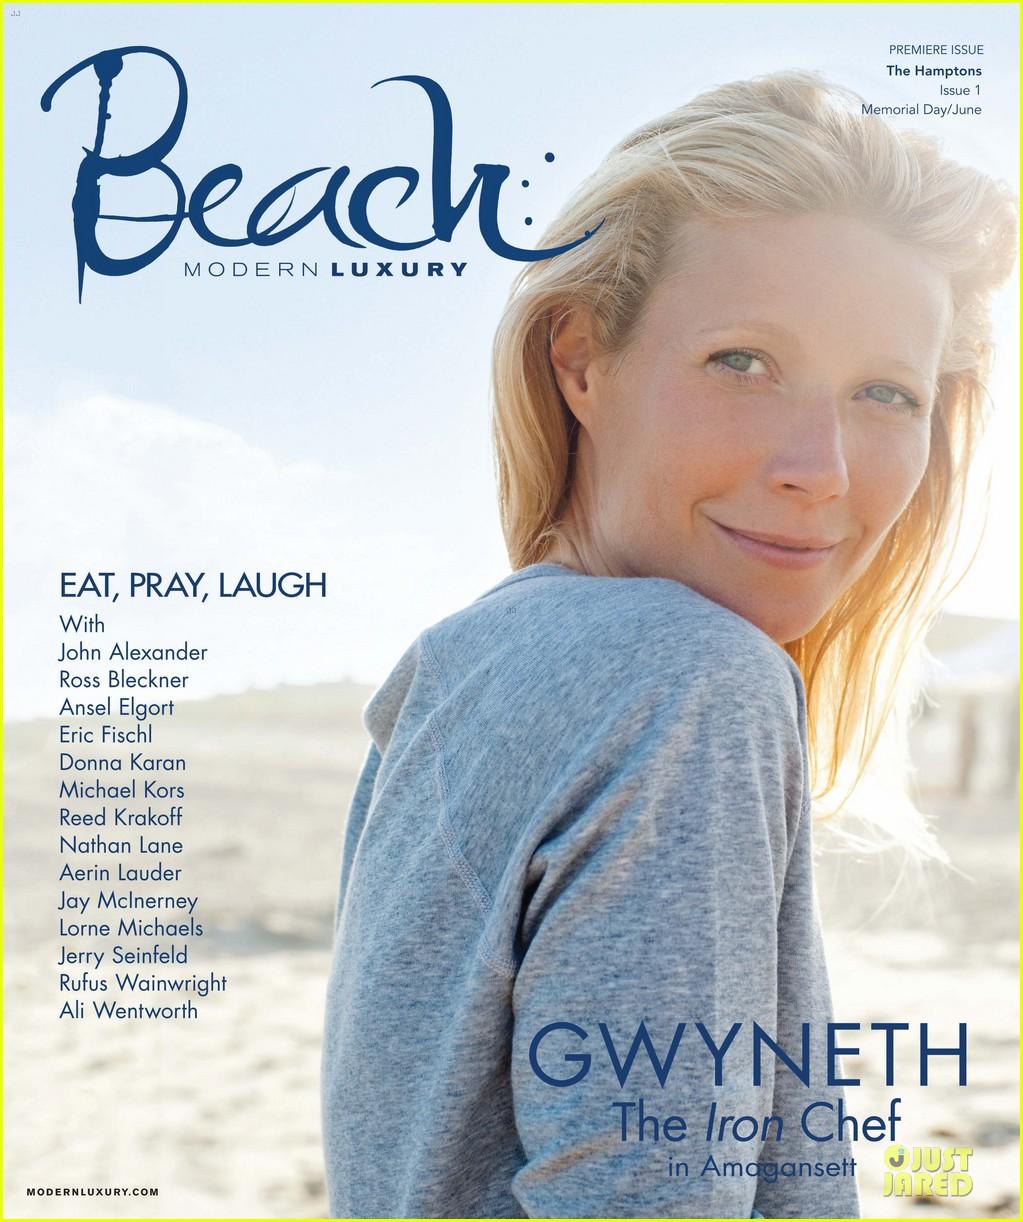 gwyneth paltrow debuts beach magazine 01.